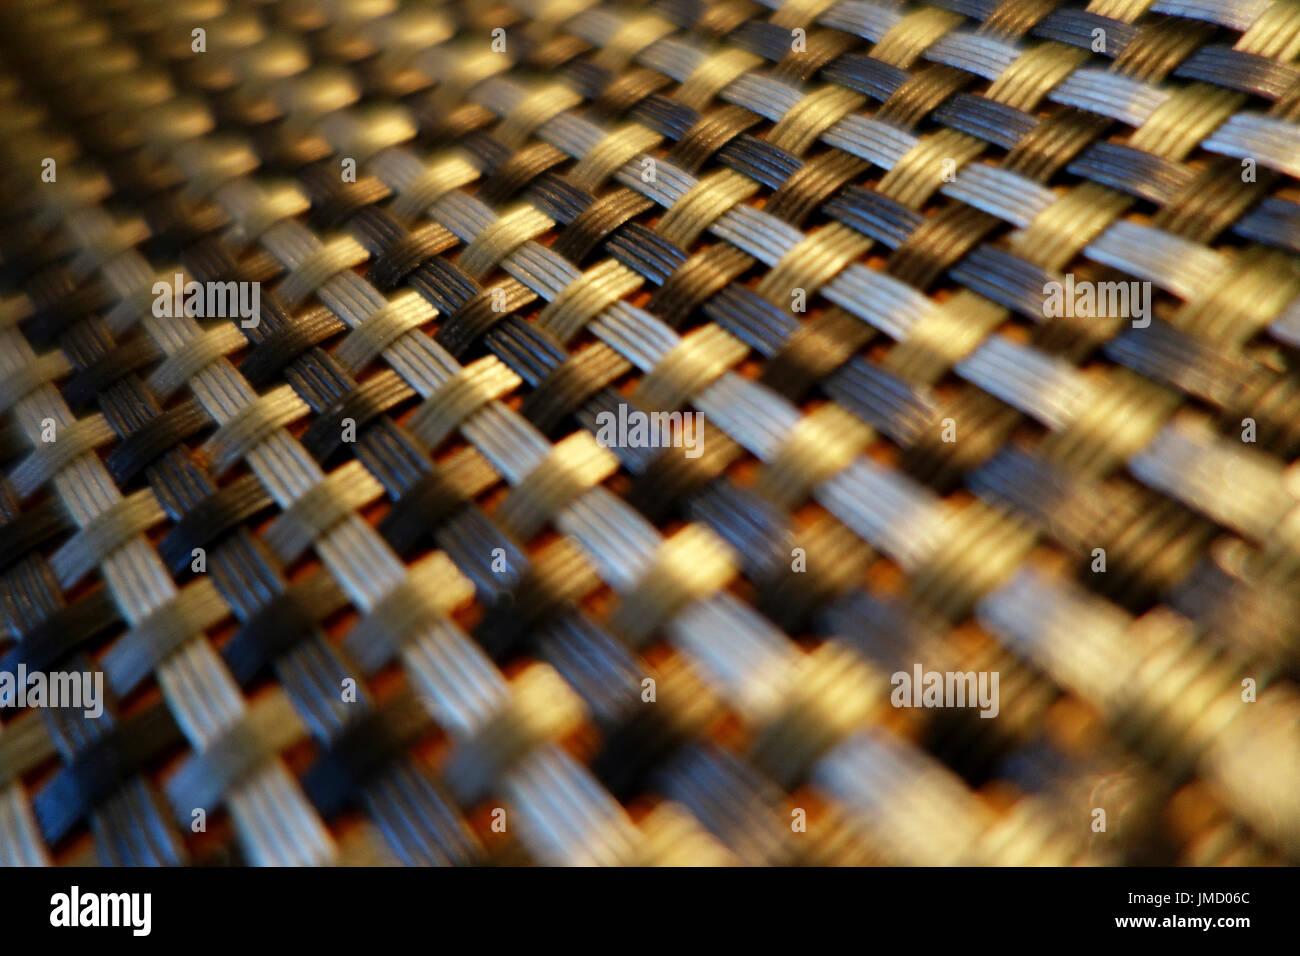 Detalle de cintas entrelazadas Imagen De Stock